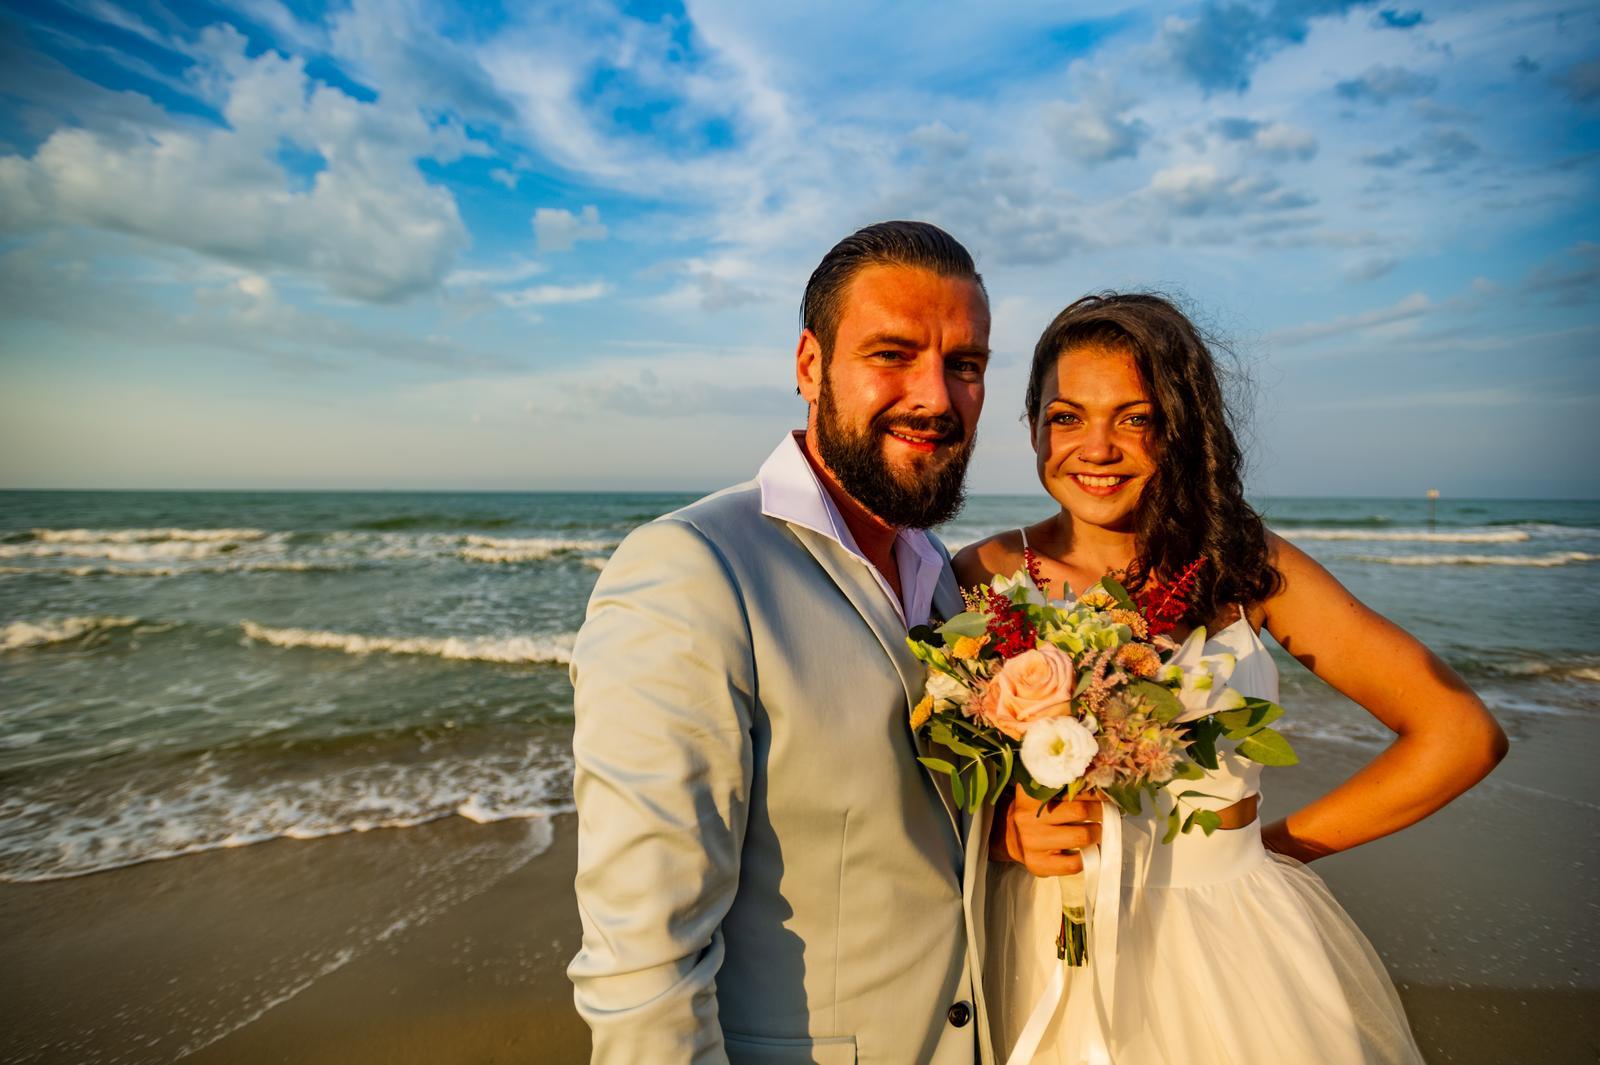 Svatby roku 2019 - Obrázek č. 9